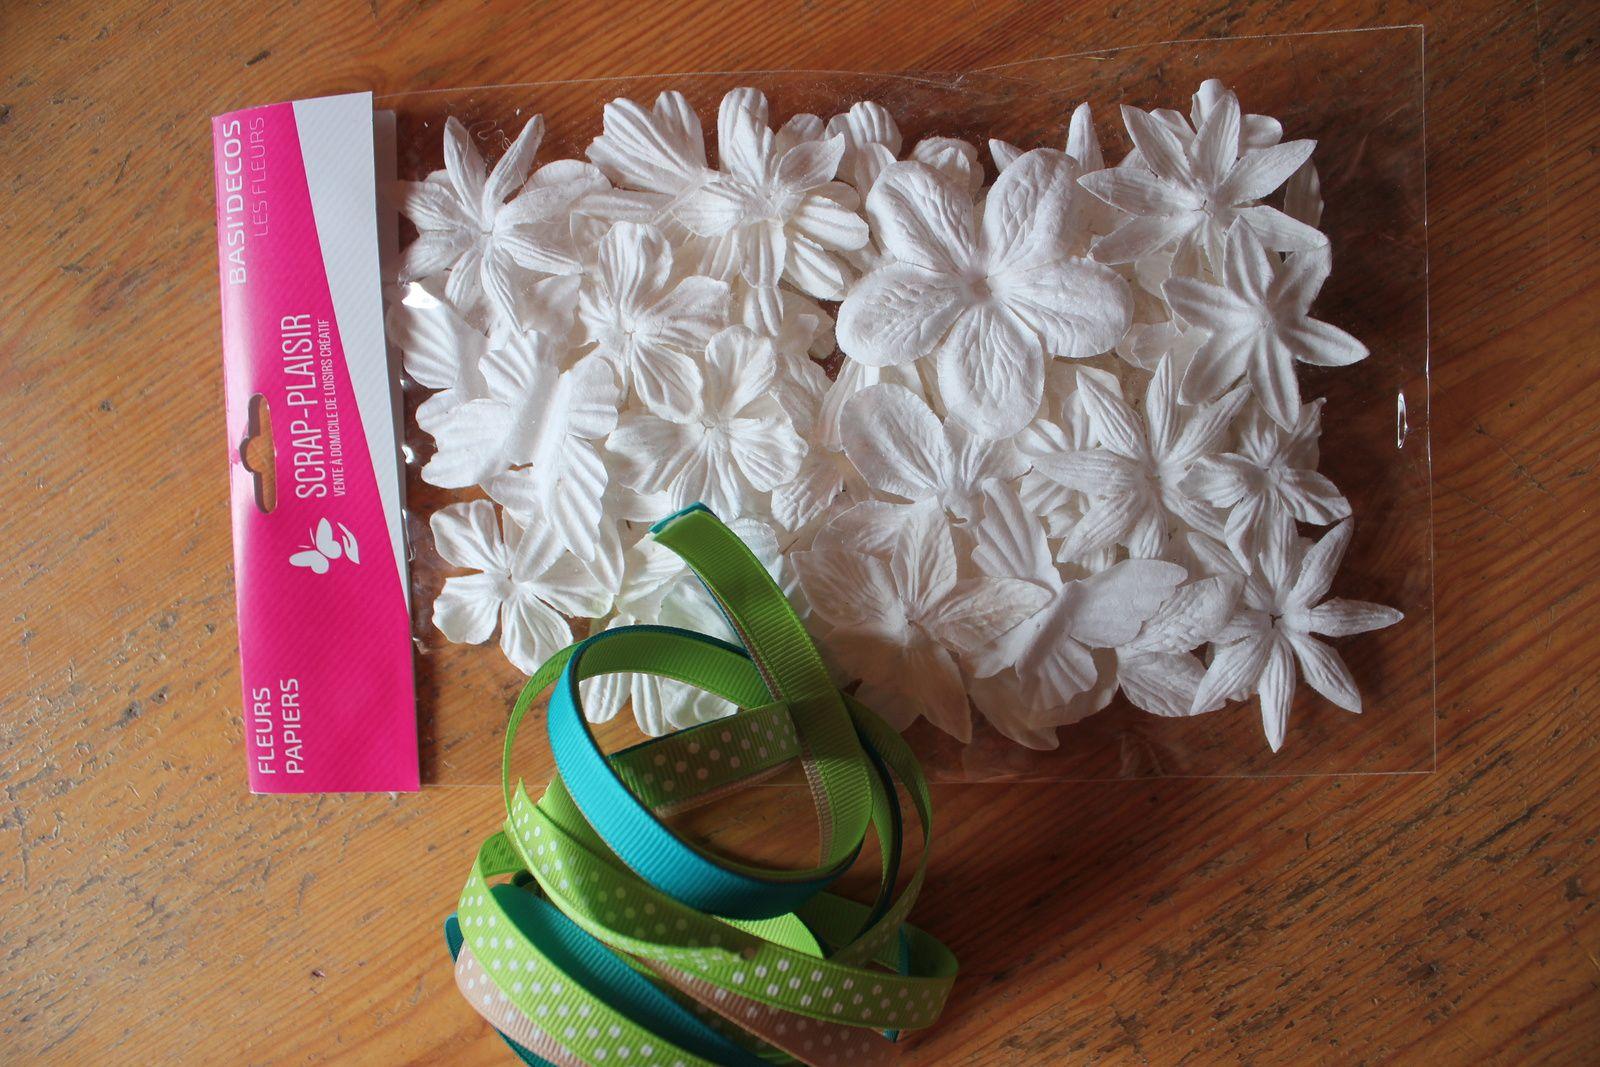 de beaux rubans assortis et le lot de fleurs blanches que l'on peut utiliser tel quel ou coloriser avec des encres en spray ou des encreur par exemple